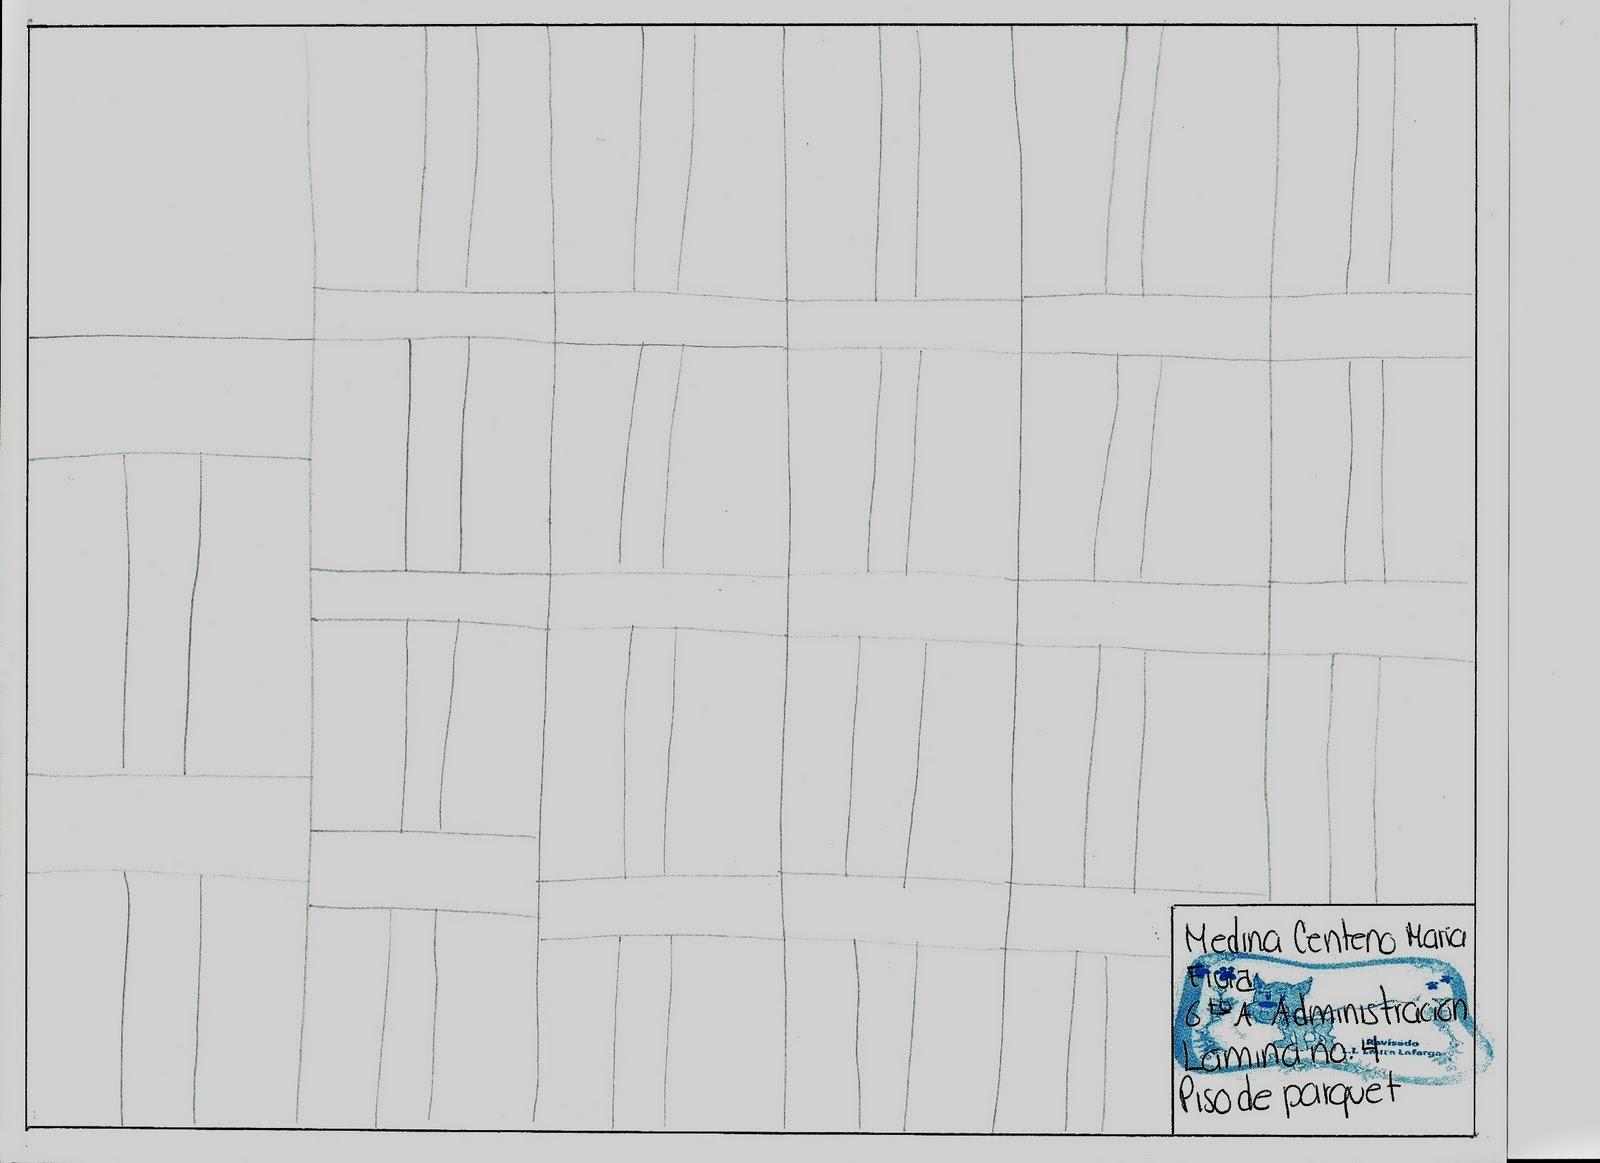 Dibujo tecnico lamina no 4 piso de parquet - Laminas de parquet ...